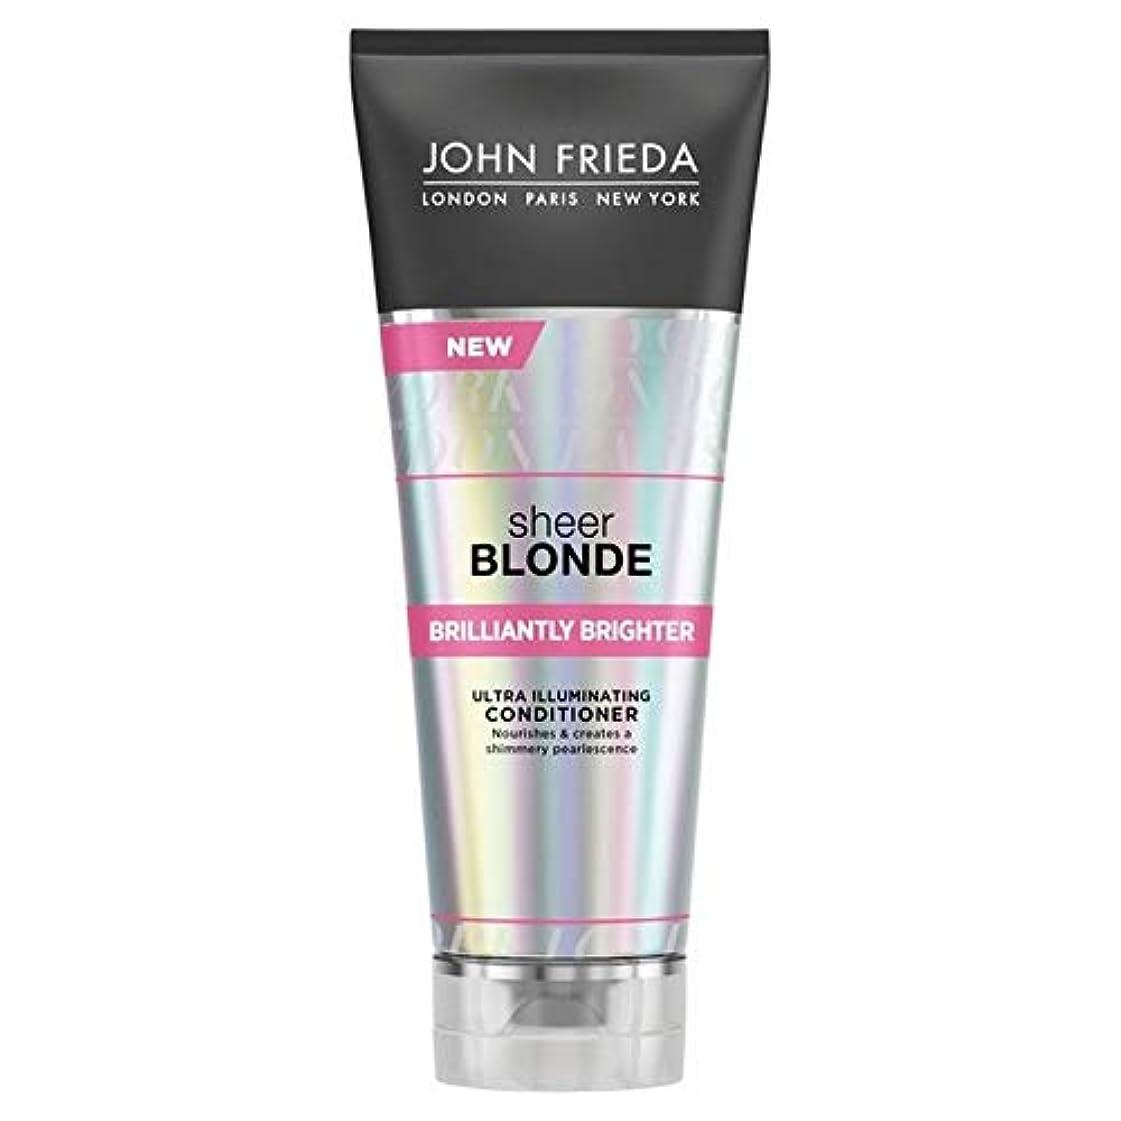 ファンホップギャラントリー[John Frieda ] ジョン?フリーダ膨大なブロンド見事に明るくコンディショナー250Ml - John Frieda Sheer Blonde Brilliantly Brighter Conditioner...